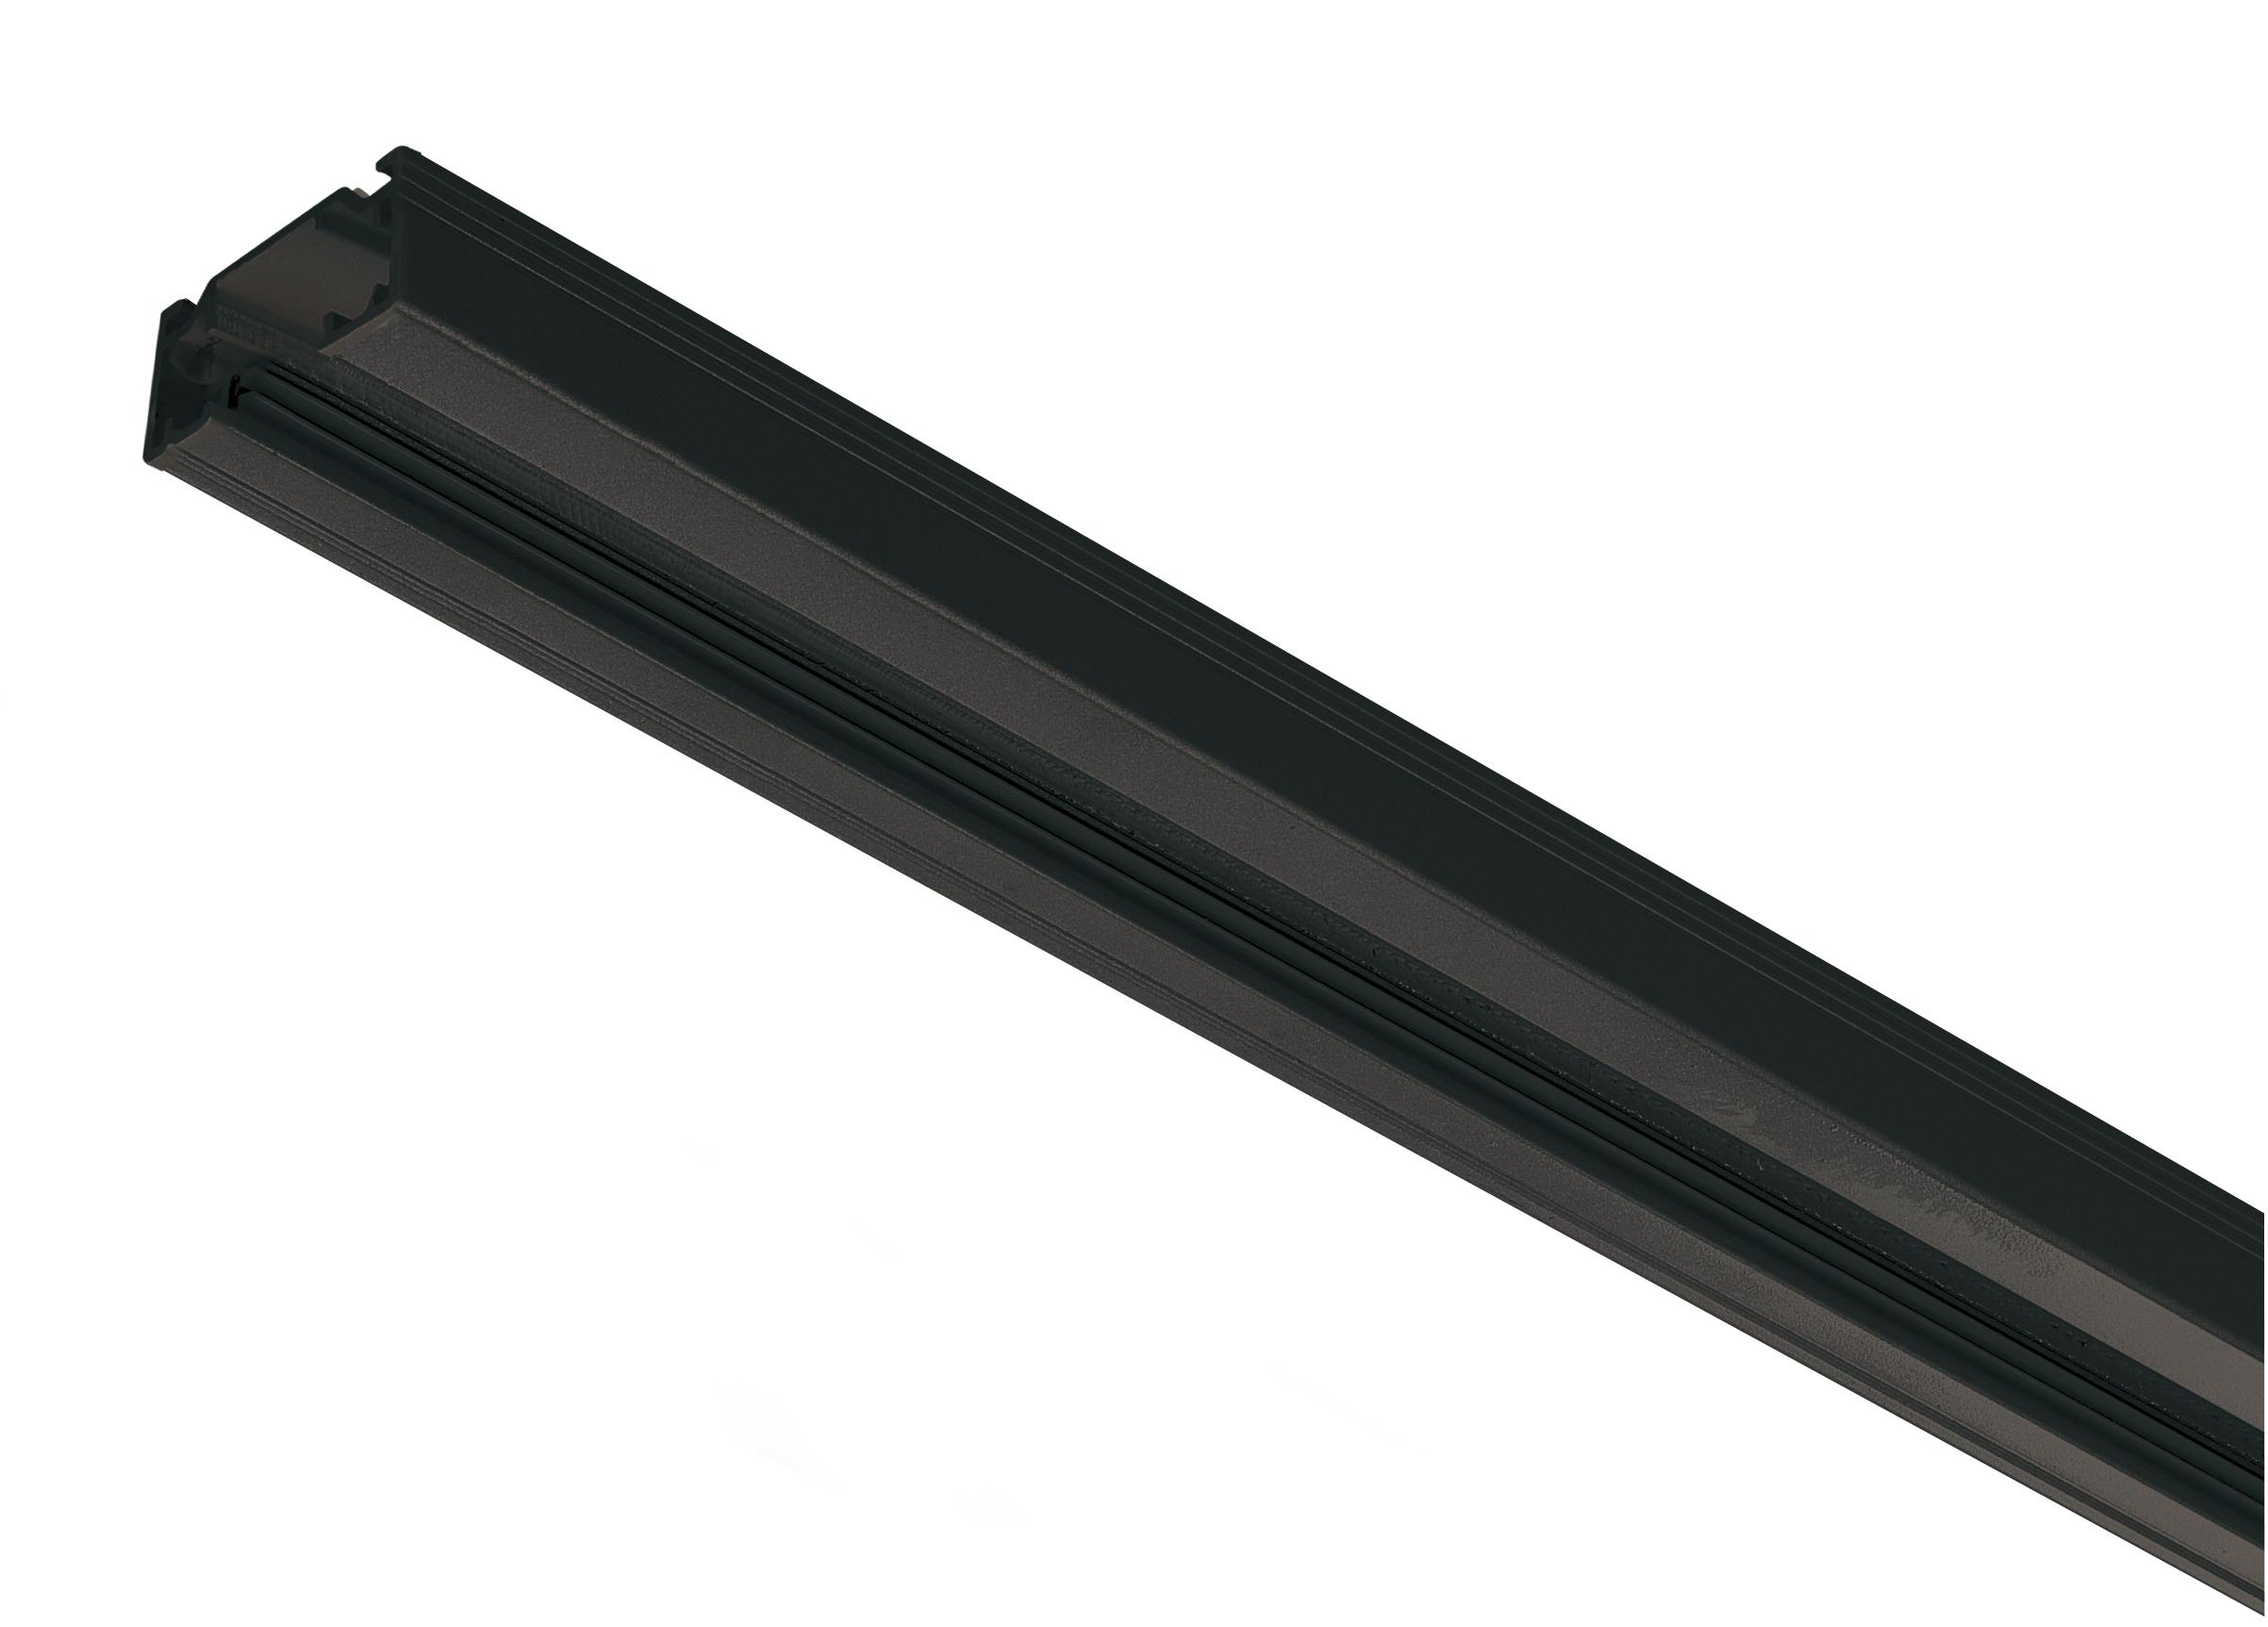 Vox Track Surface - Black